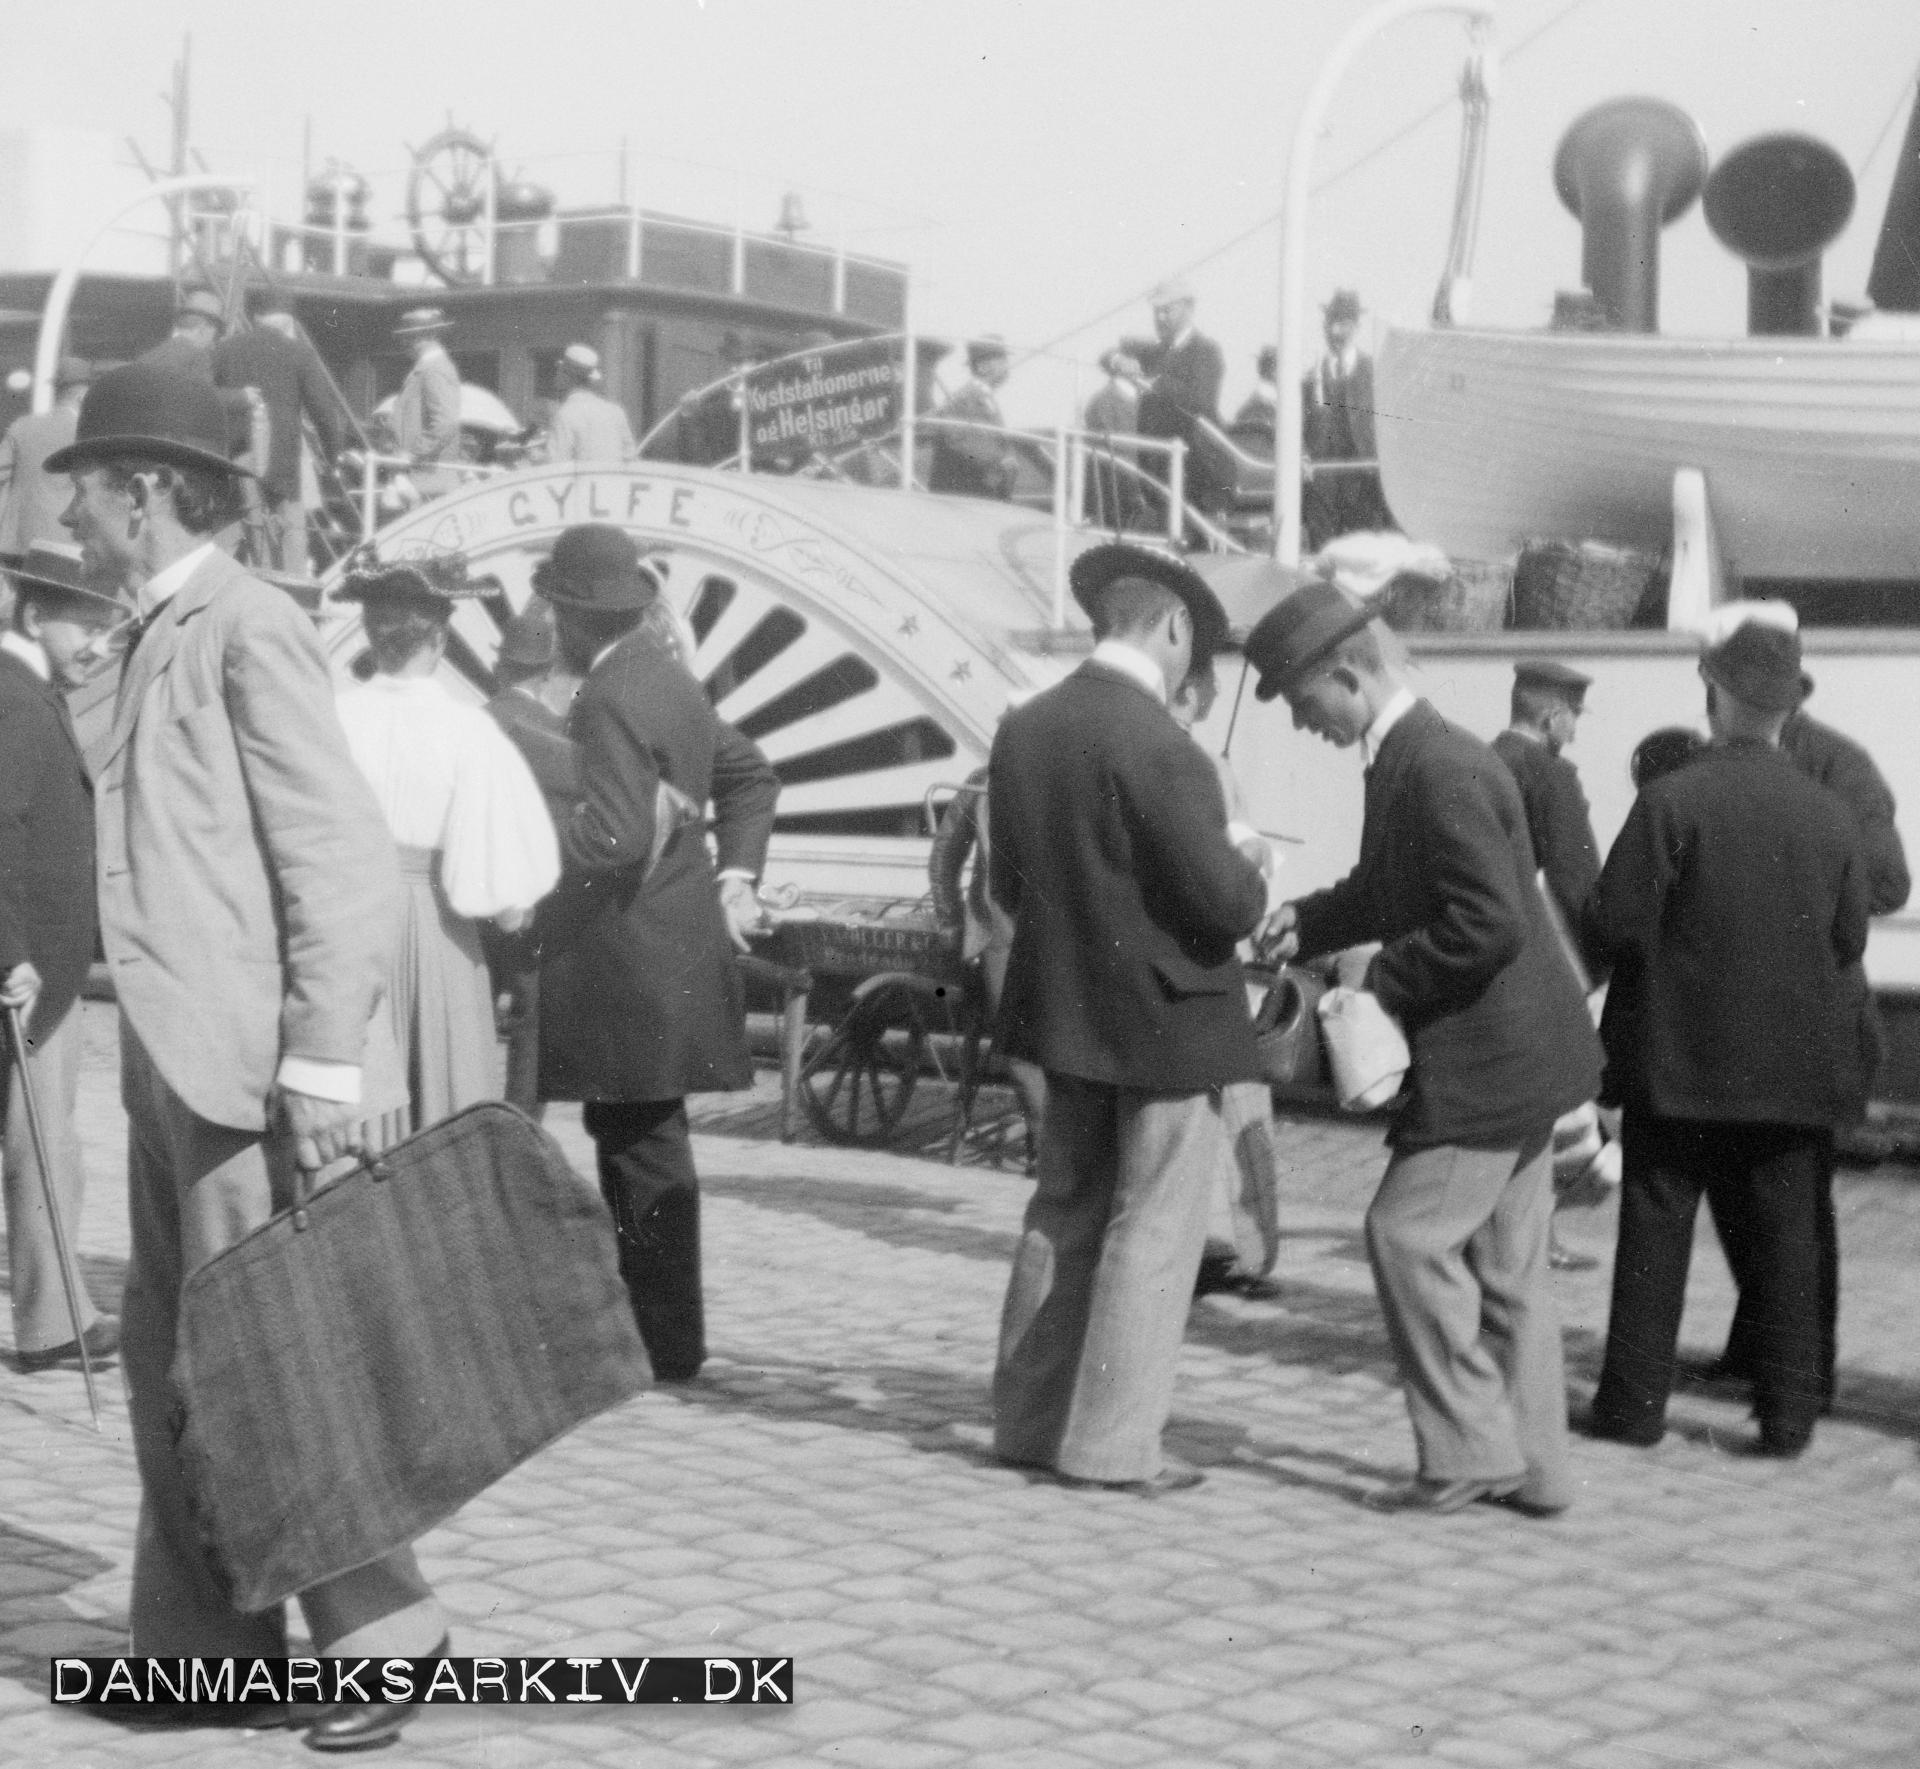 Hjuldampefærgen Gylfe ved kajen i København - 1972-1923